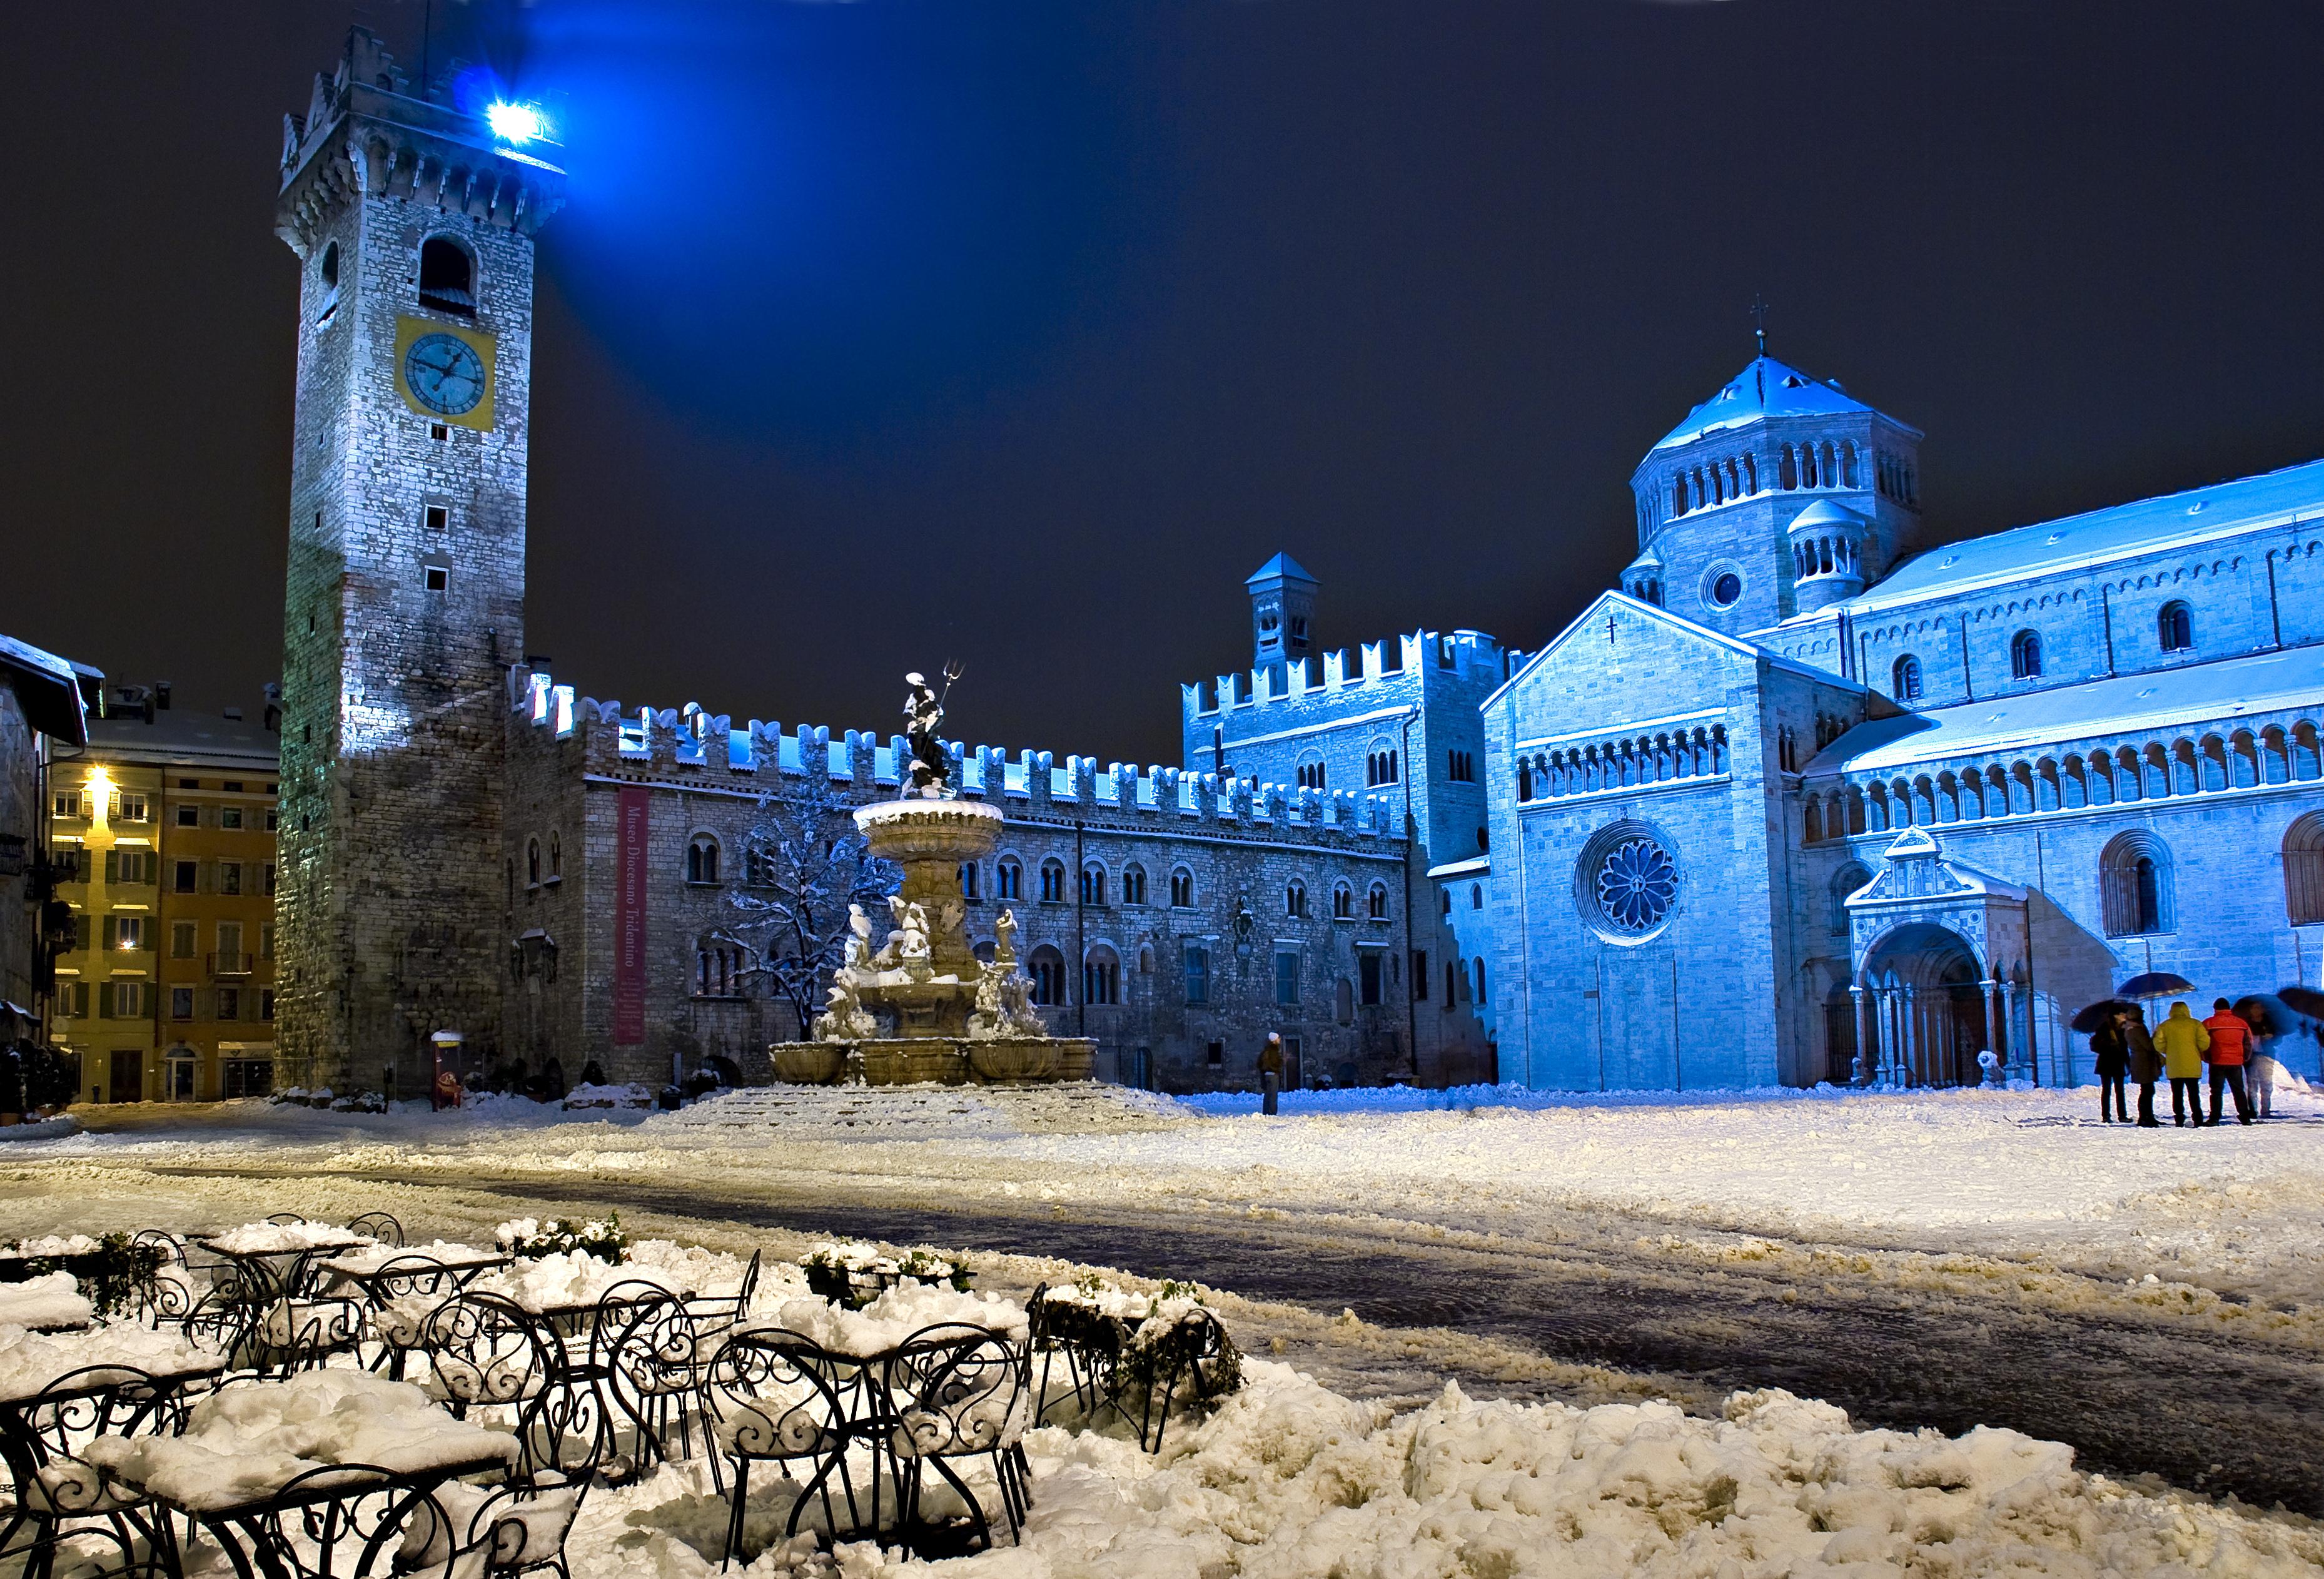 Meteo Trentino: prima neve dell'inverno a Trento [FOTO]